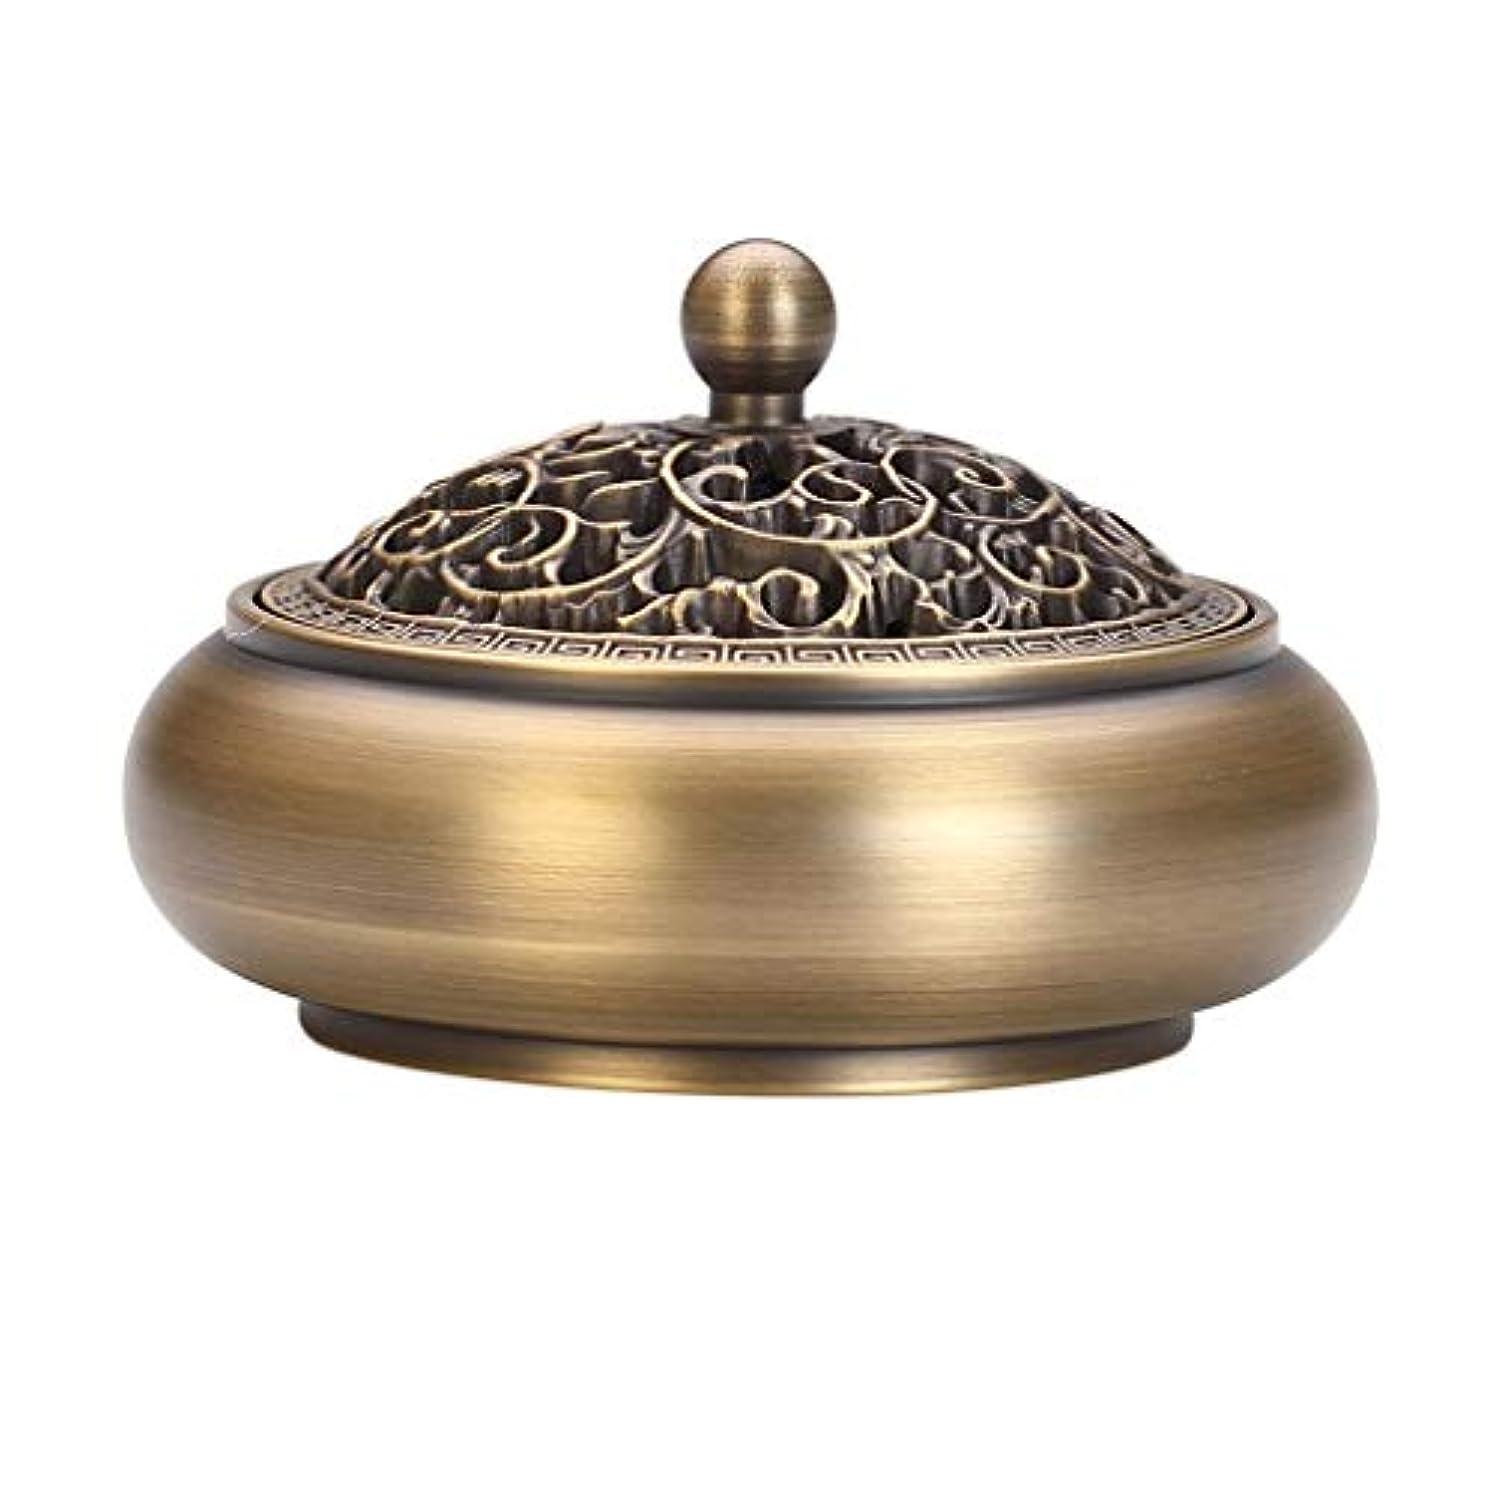 合金透ける役に立たない芳香器?アロマバーナー 純粋な銅香炉アンティーク家庭用浄化空気ディスク香バーナー寒天木材白檀炉 アロマバーナー (Color : Brass)